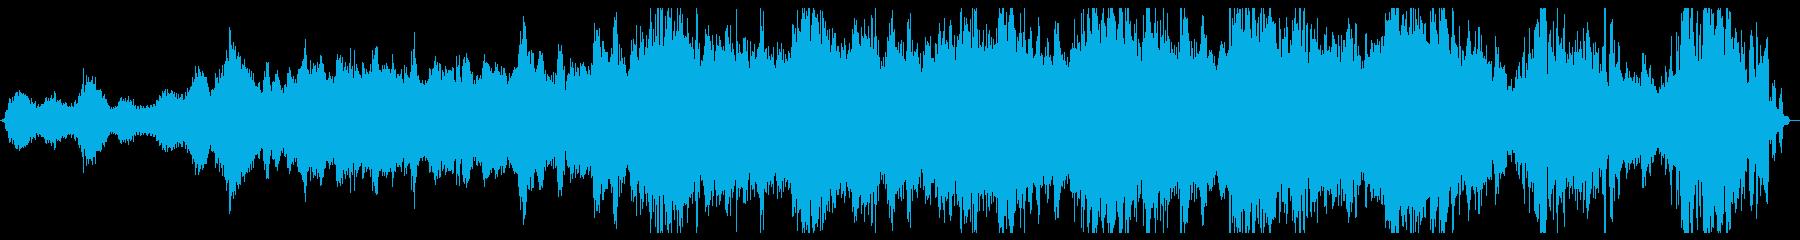 漂っている感じのアンビエント楽曲の再生済みの波形